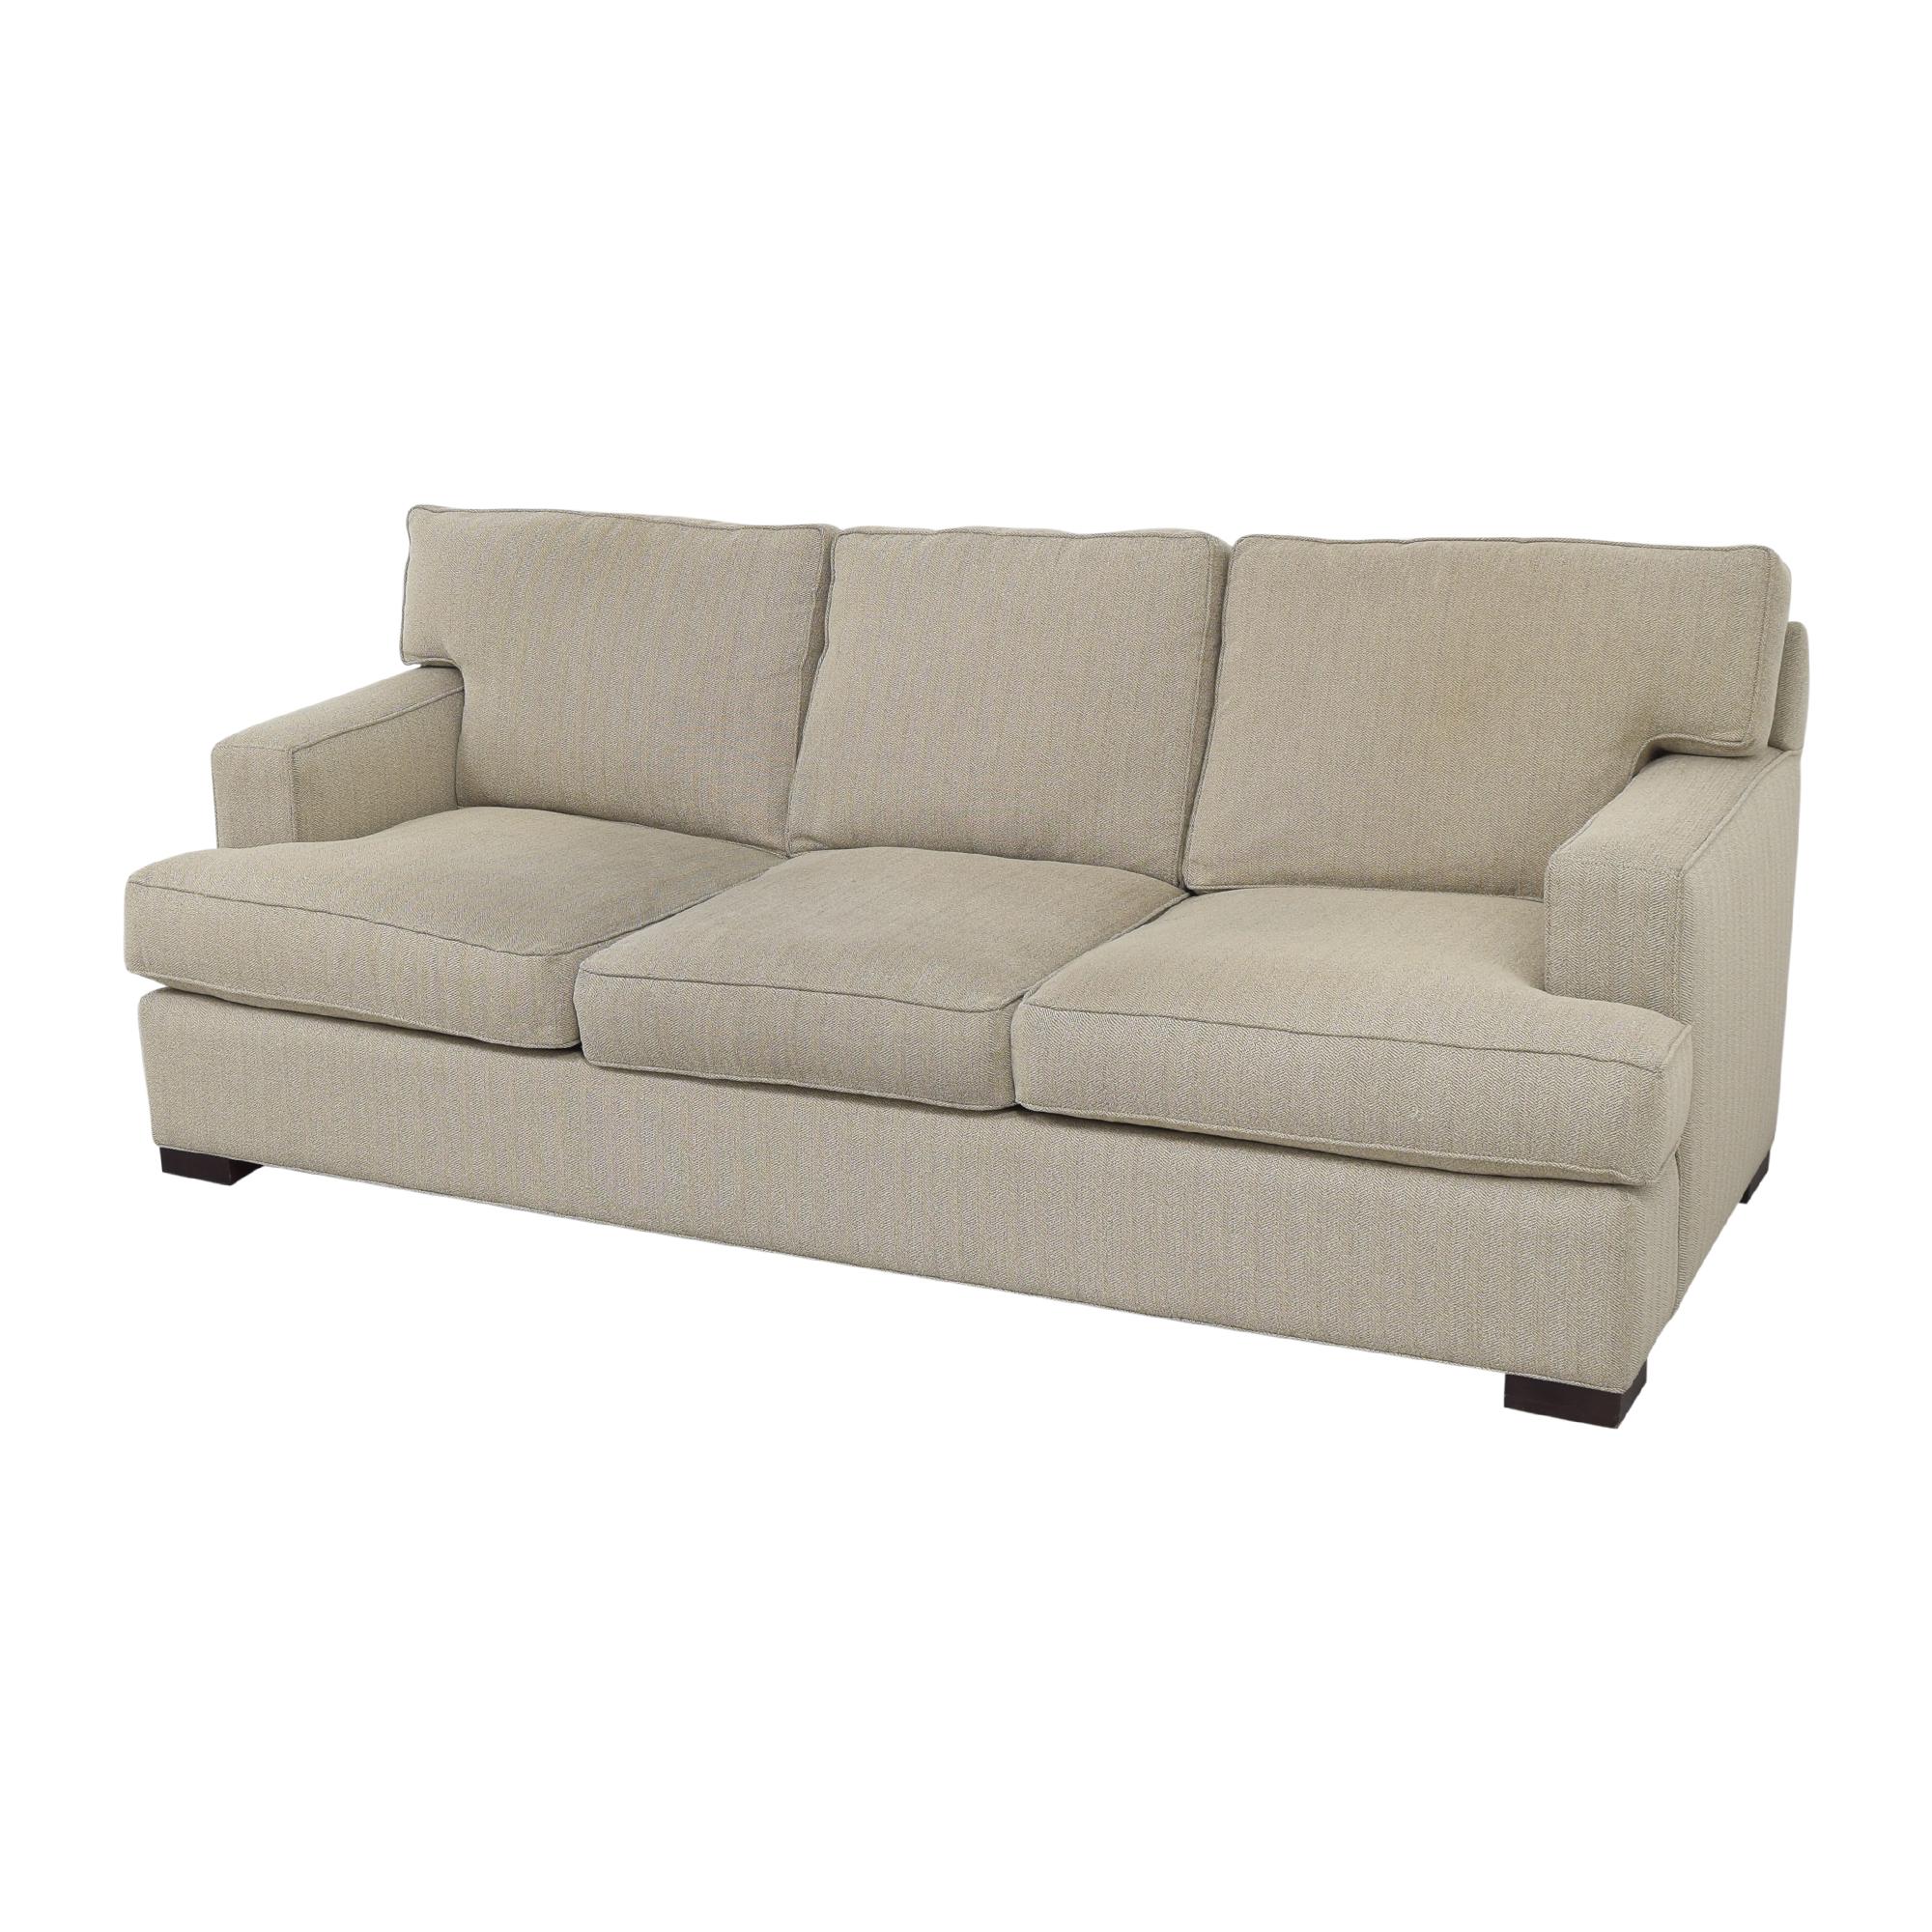 Arhaus Arhaus Dune Three Cushion Sofa beige